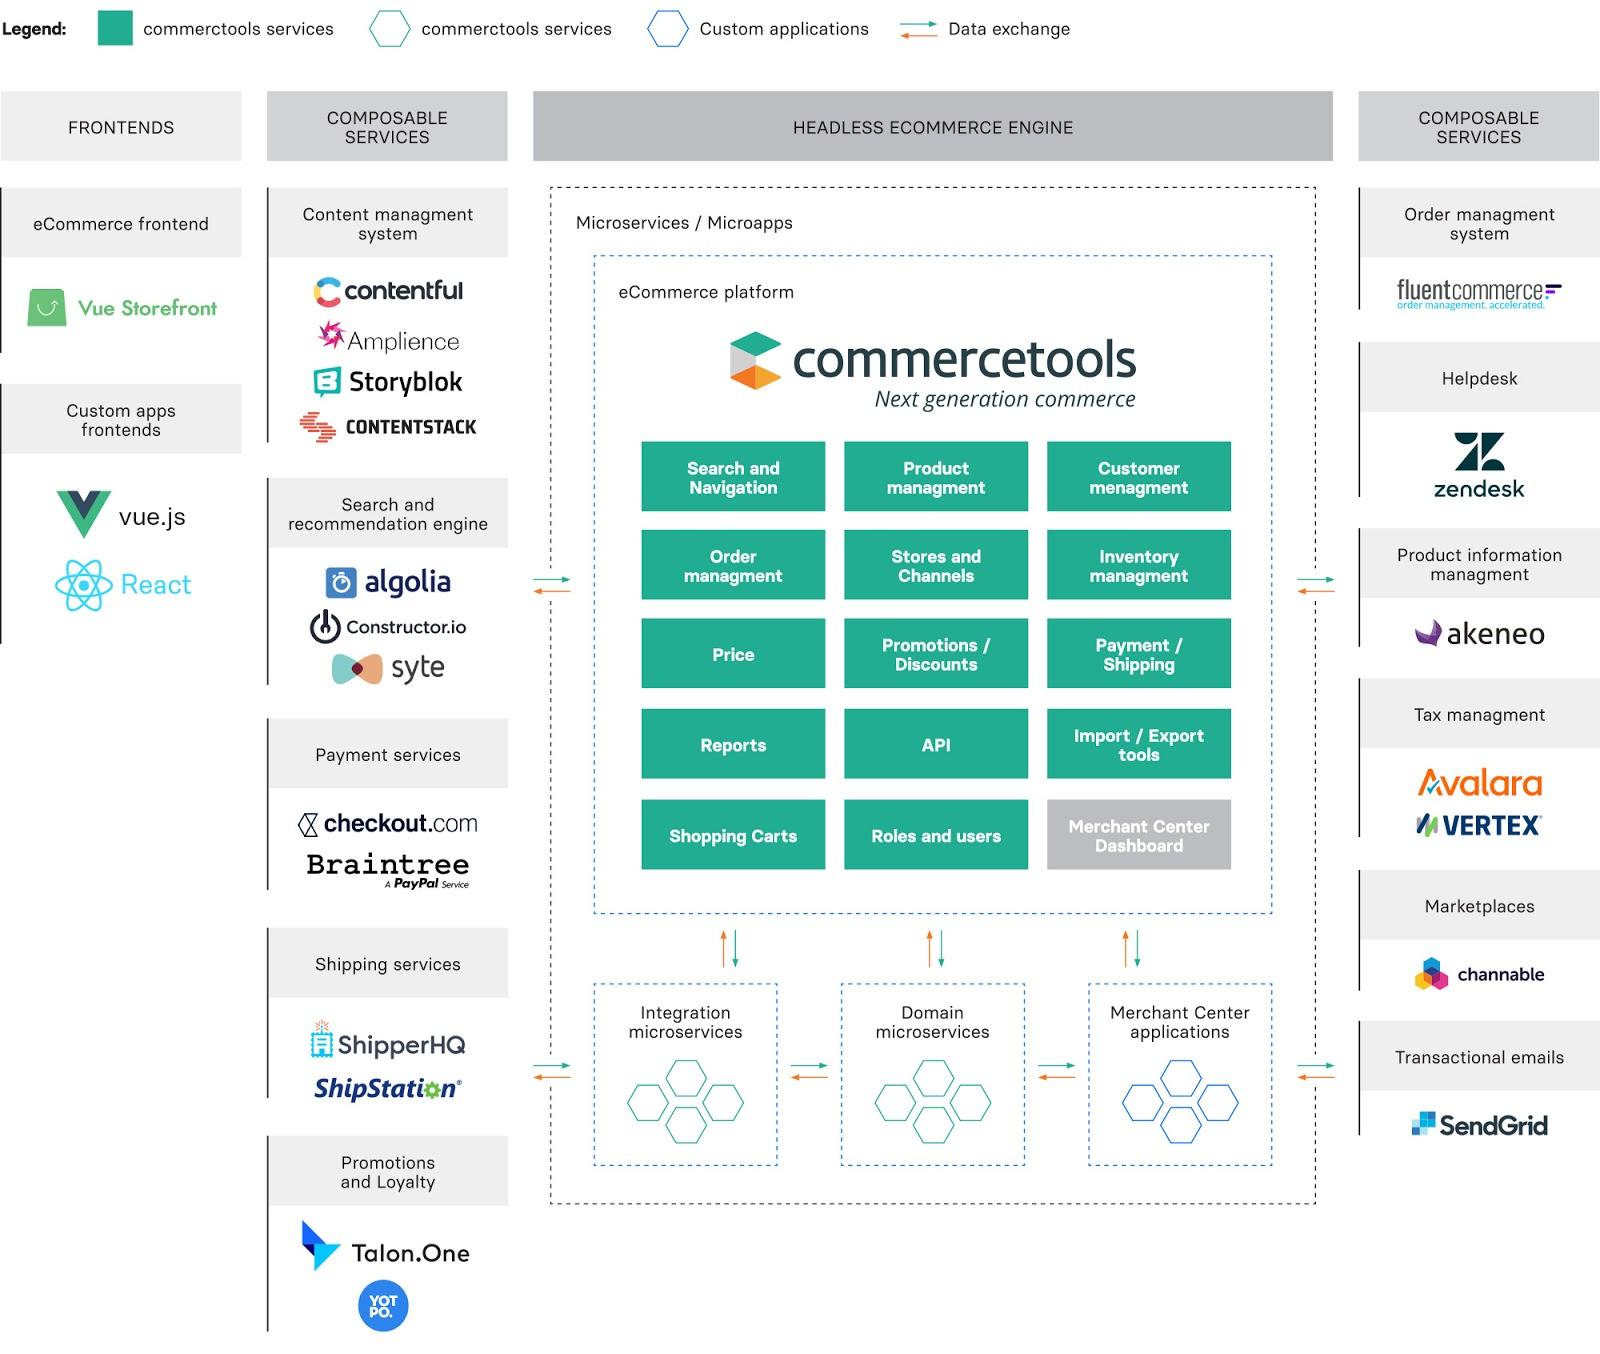 Composable commerce architecture